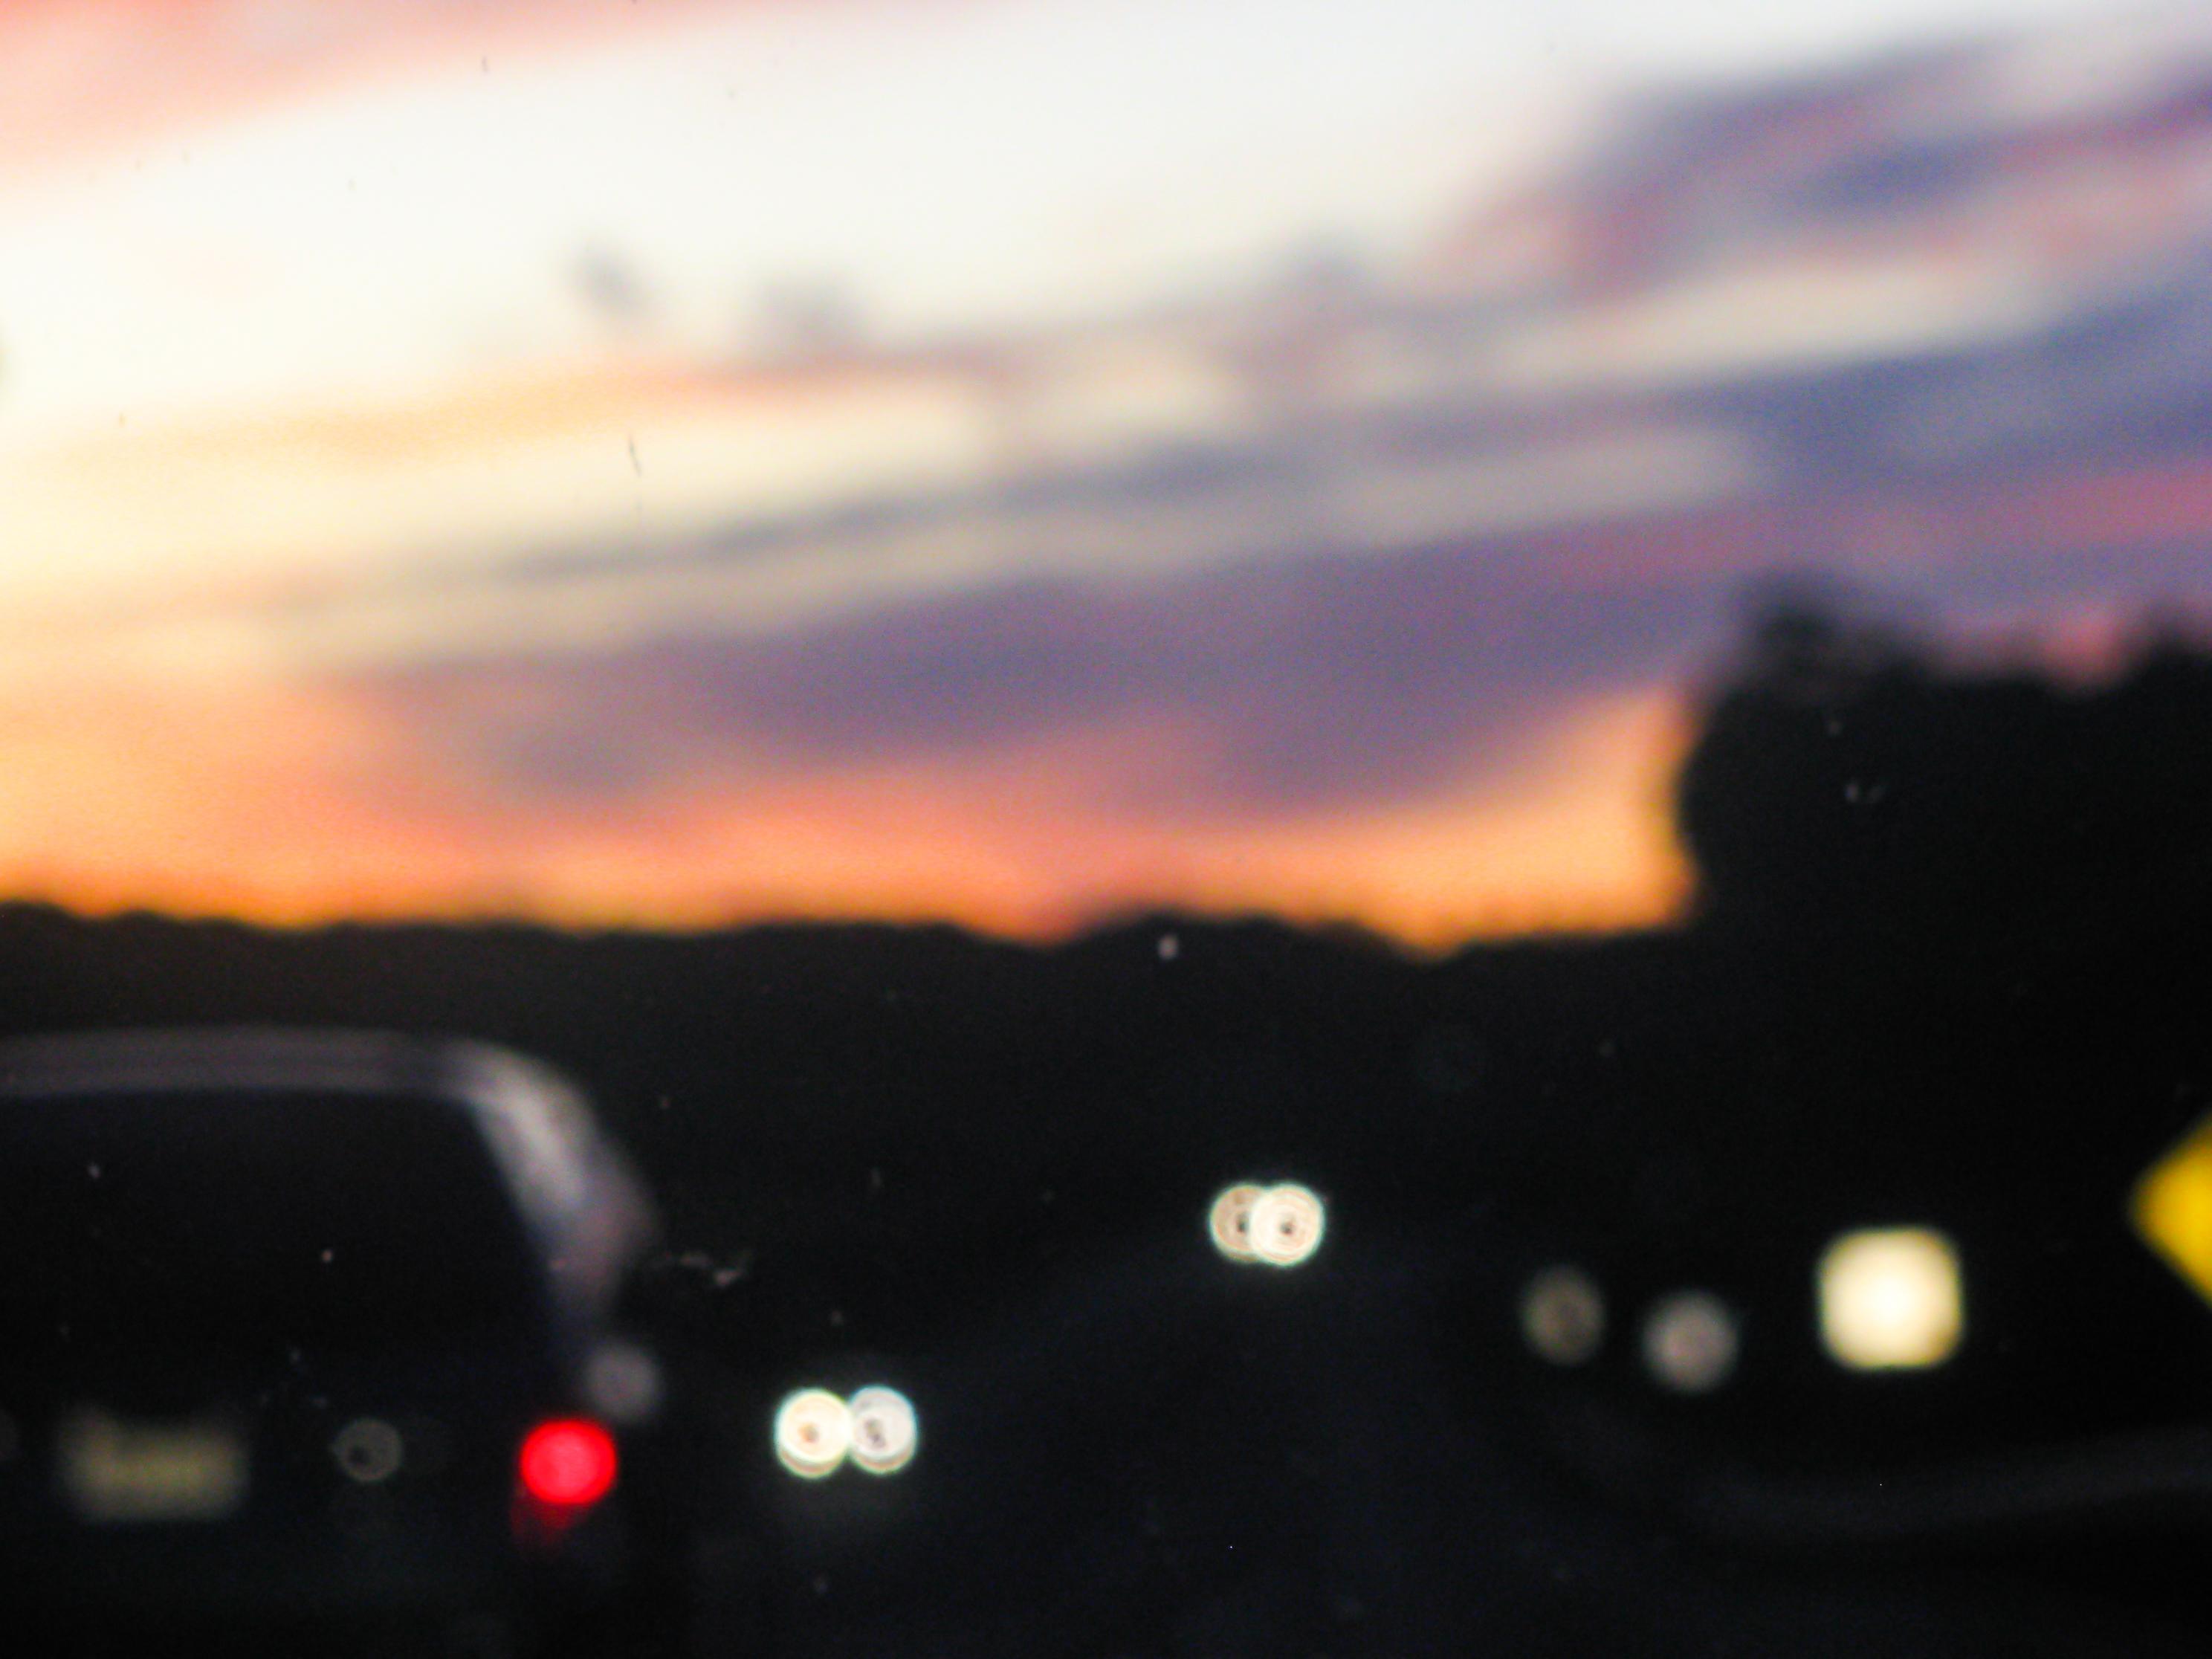 Blur Traffic, Blur, Car, Road, Traffic, HQ Photo